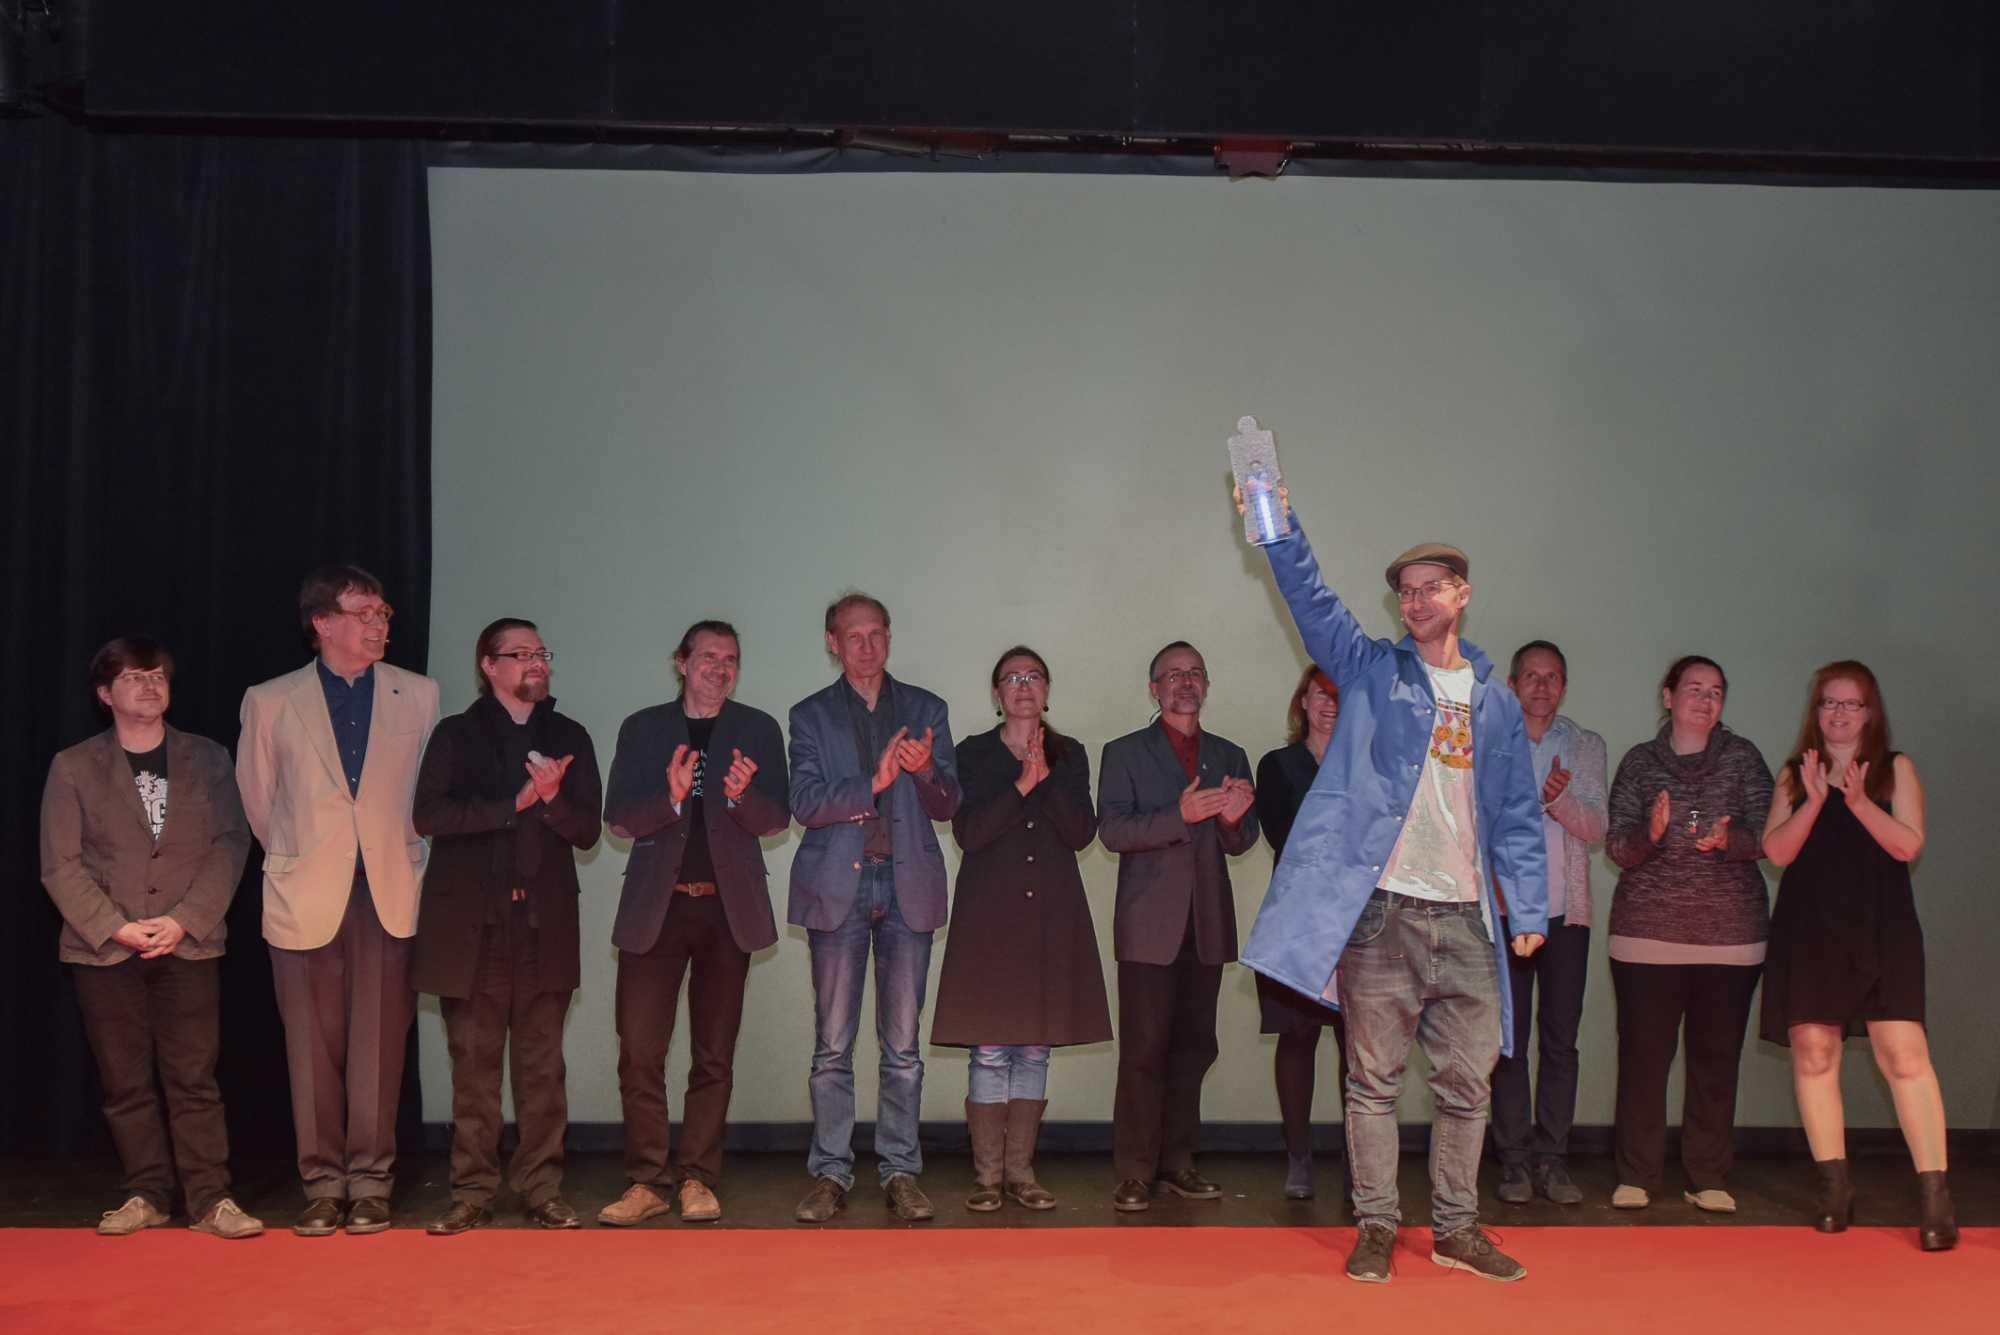 Eine Menschenreihe auf einer Bühne, davor ein Mann, der eine Betonfigur in die Höhe streckt